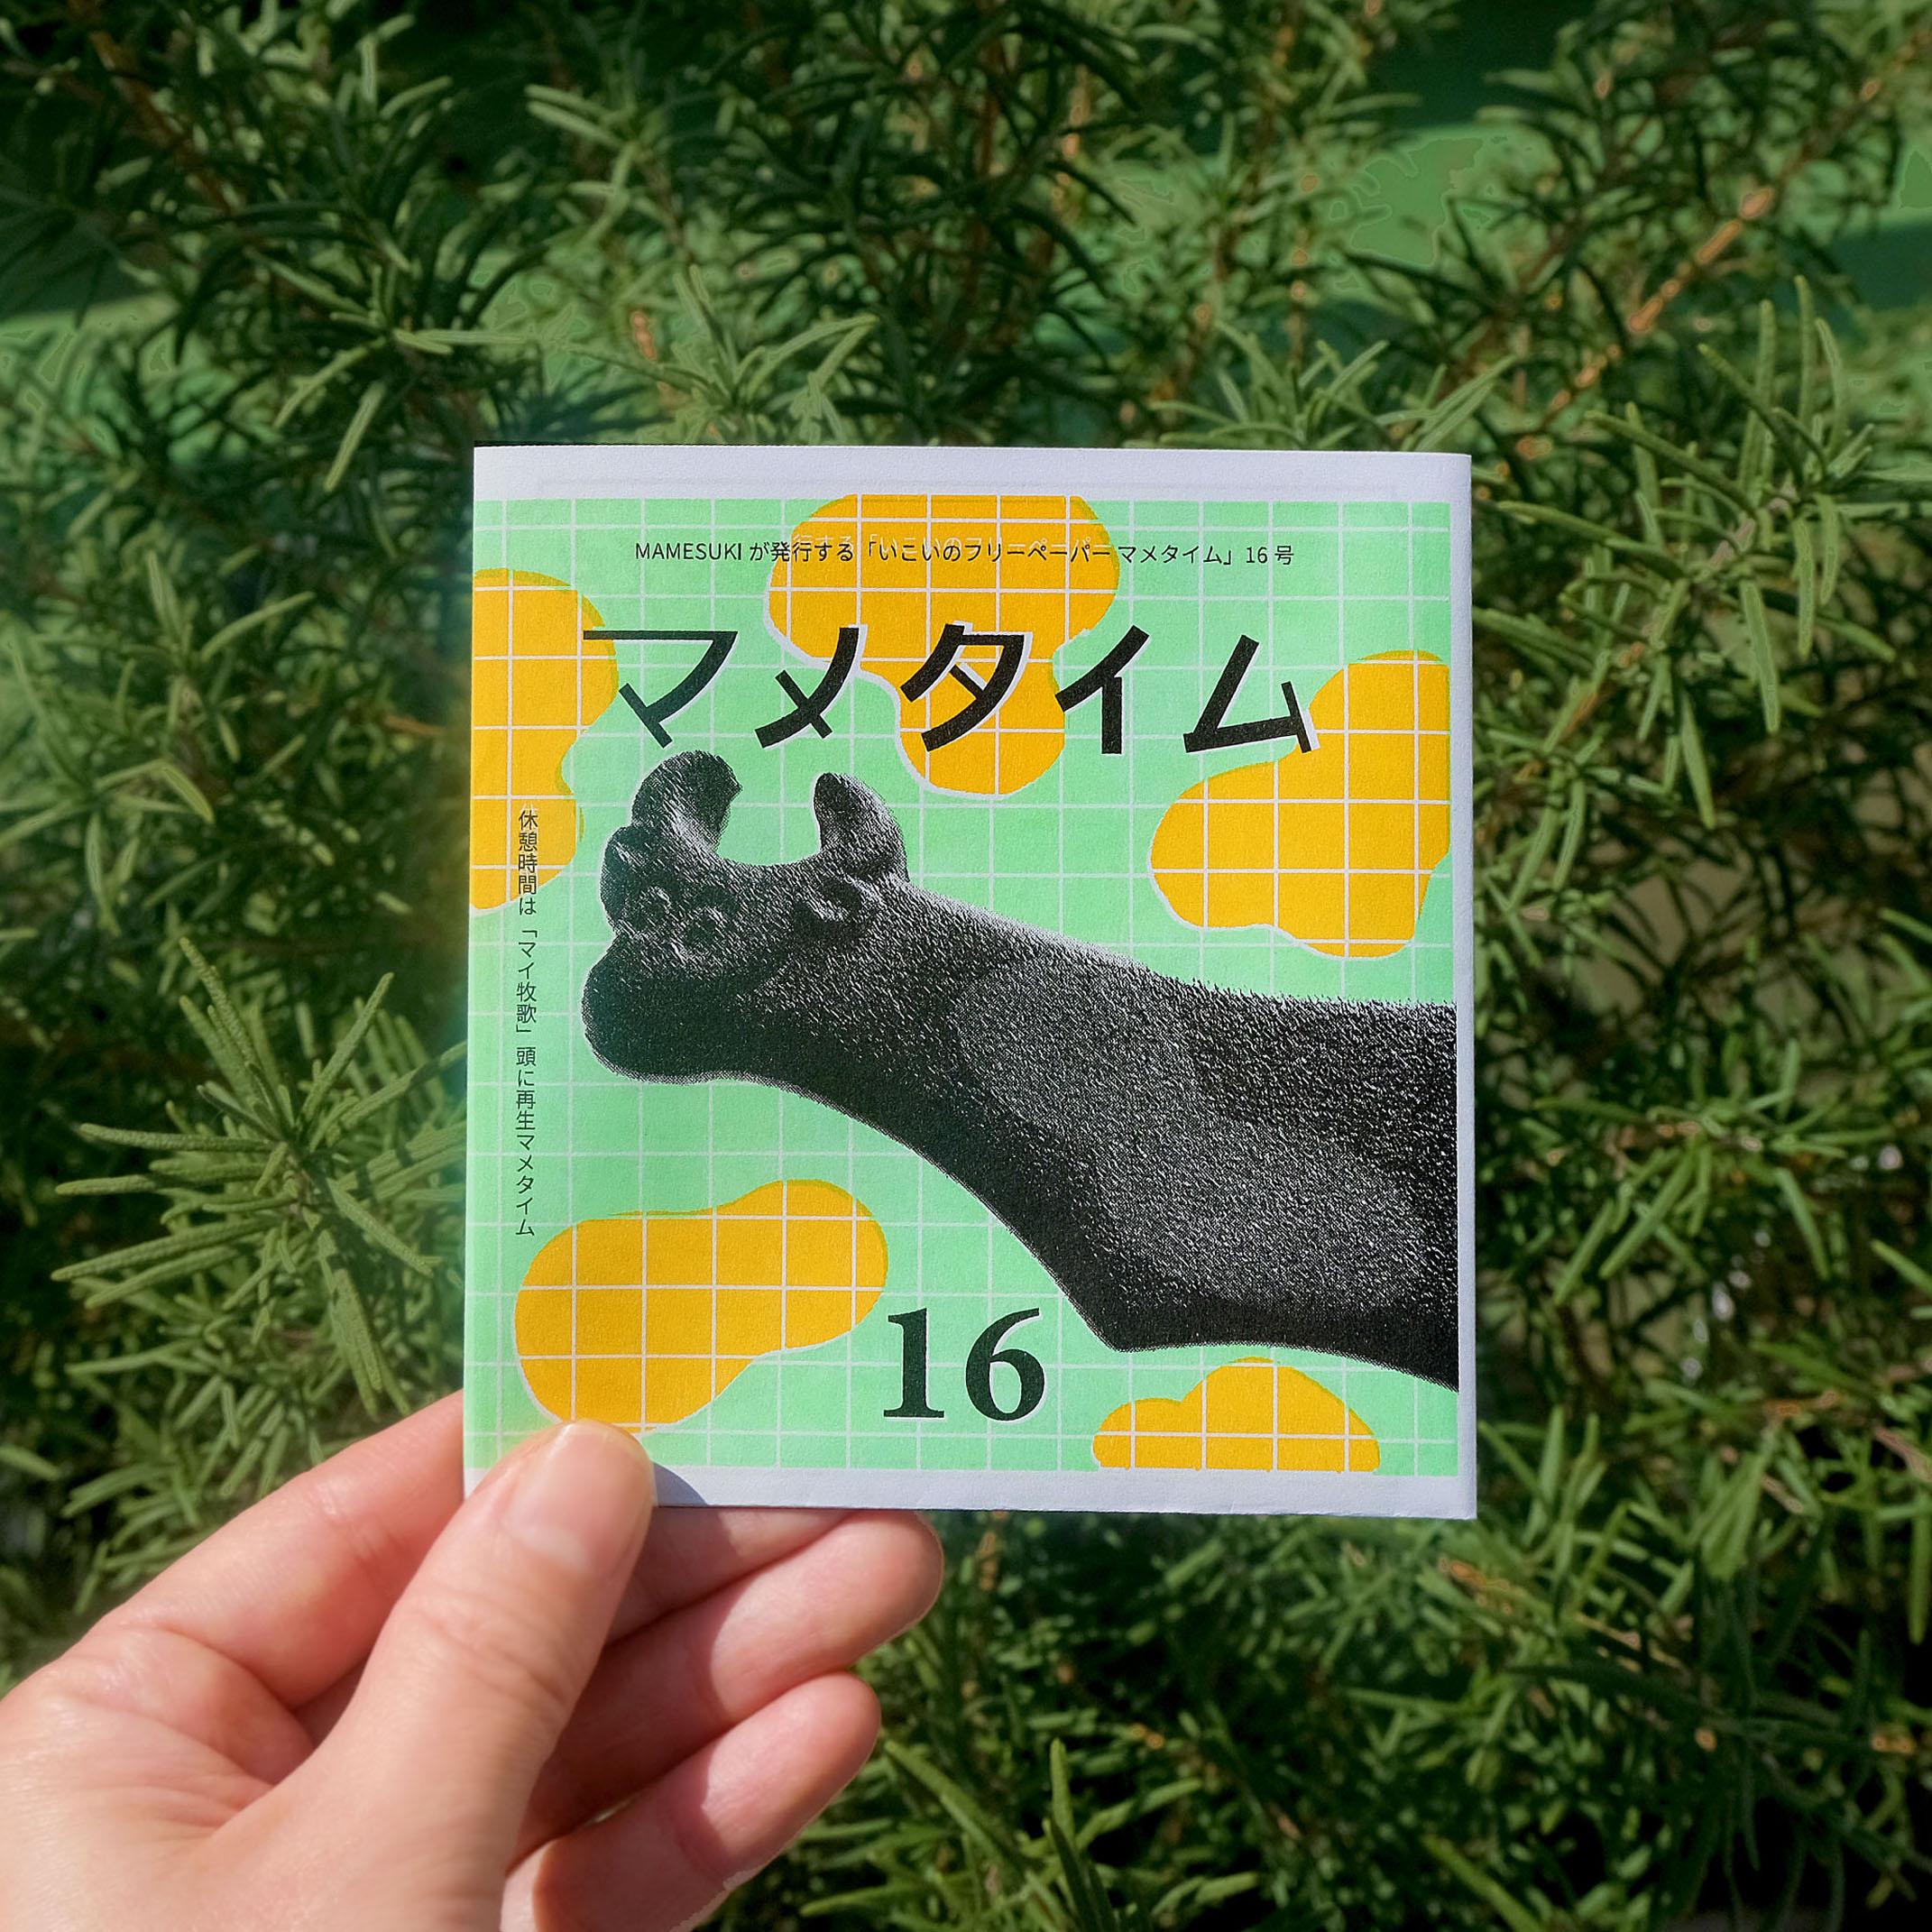 MAMESUKIが発行する「いこいのフリーペーパー マメタイム」16号が完成しました